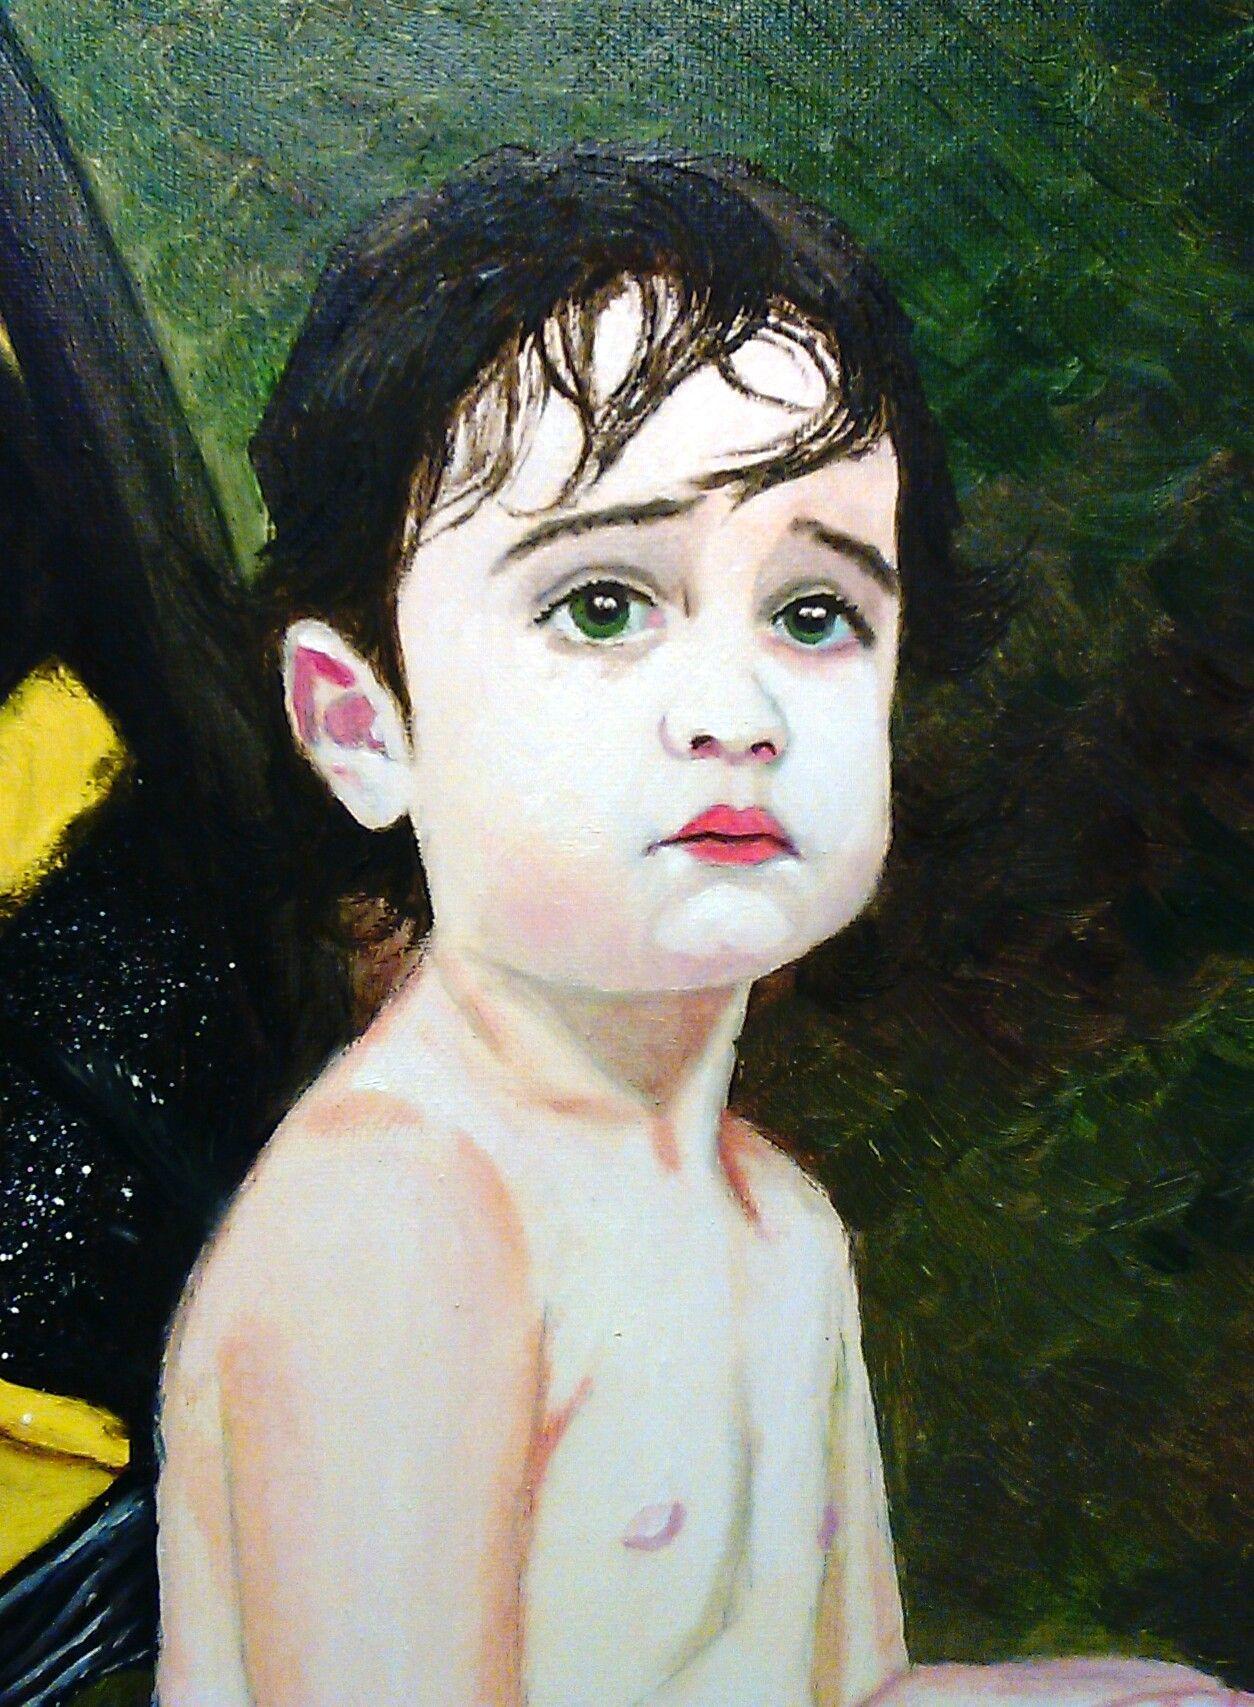 Detalle de Lucía de mariposa (óleo sobre lienzo 2011)